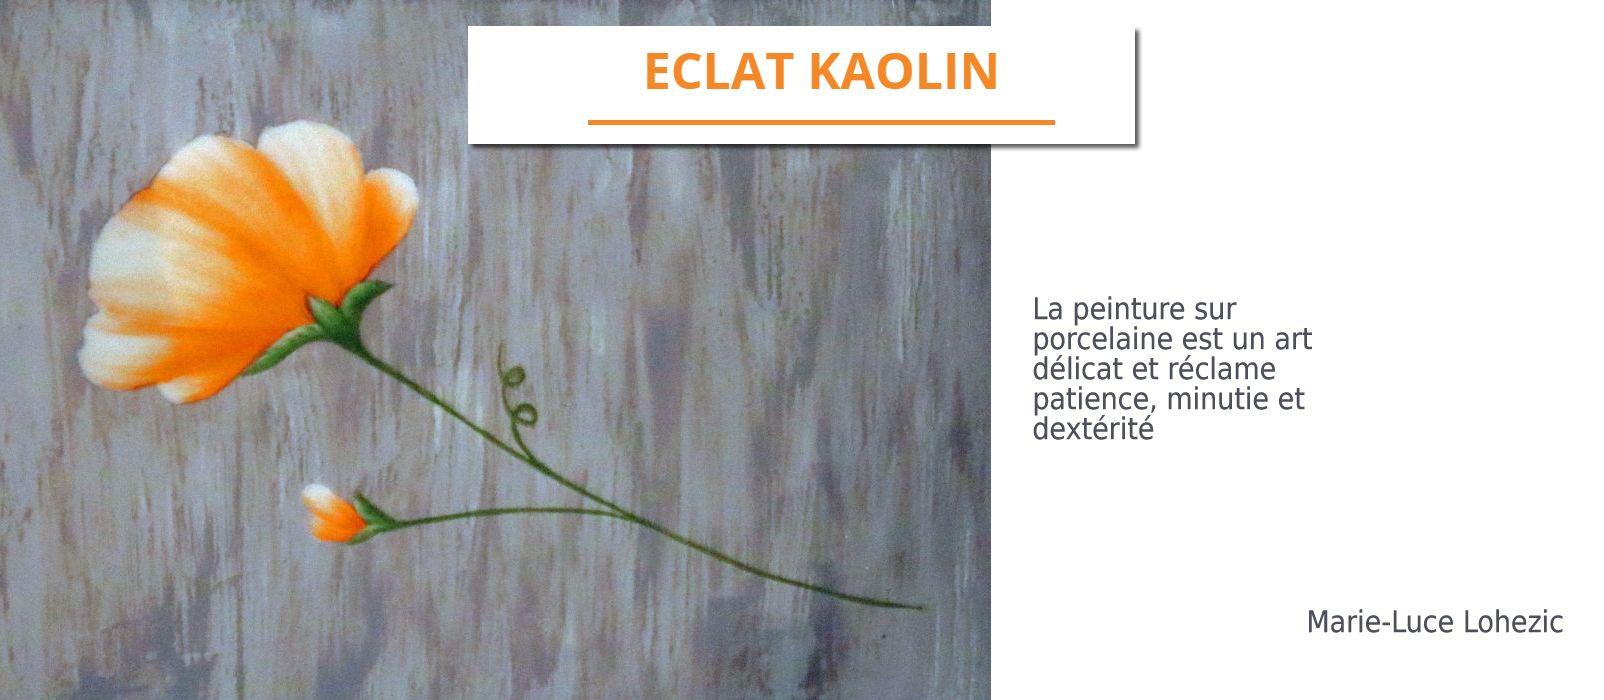 Photo partenaire - Eclat Kaolin - Peintre sur Porcelaine - Bijoux - Bienvenue à la Vérénerie -  Chambres et table d'hôtes